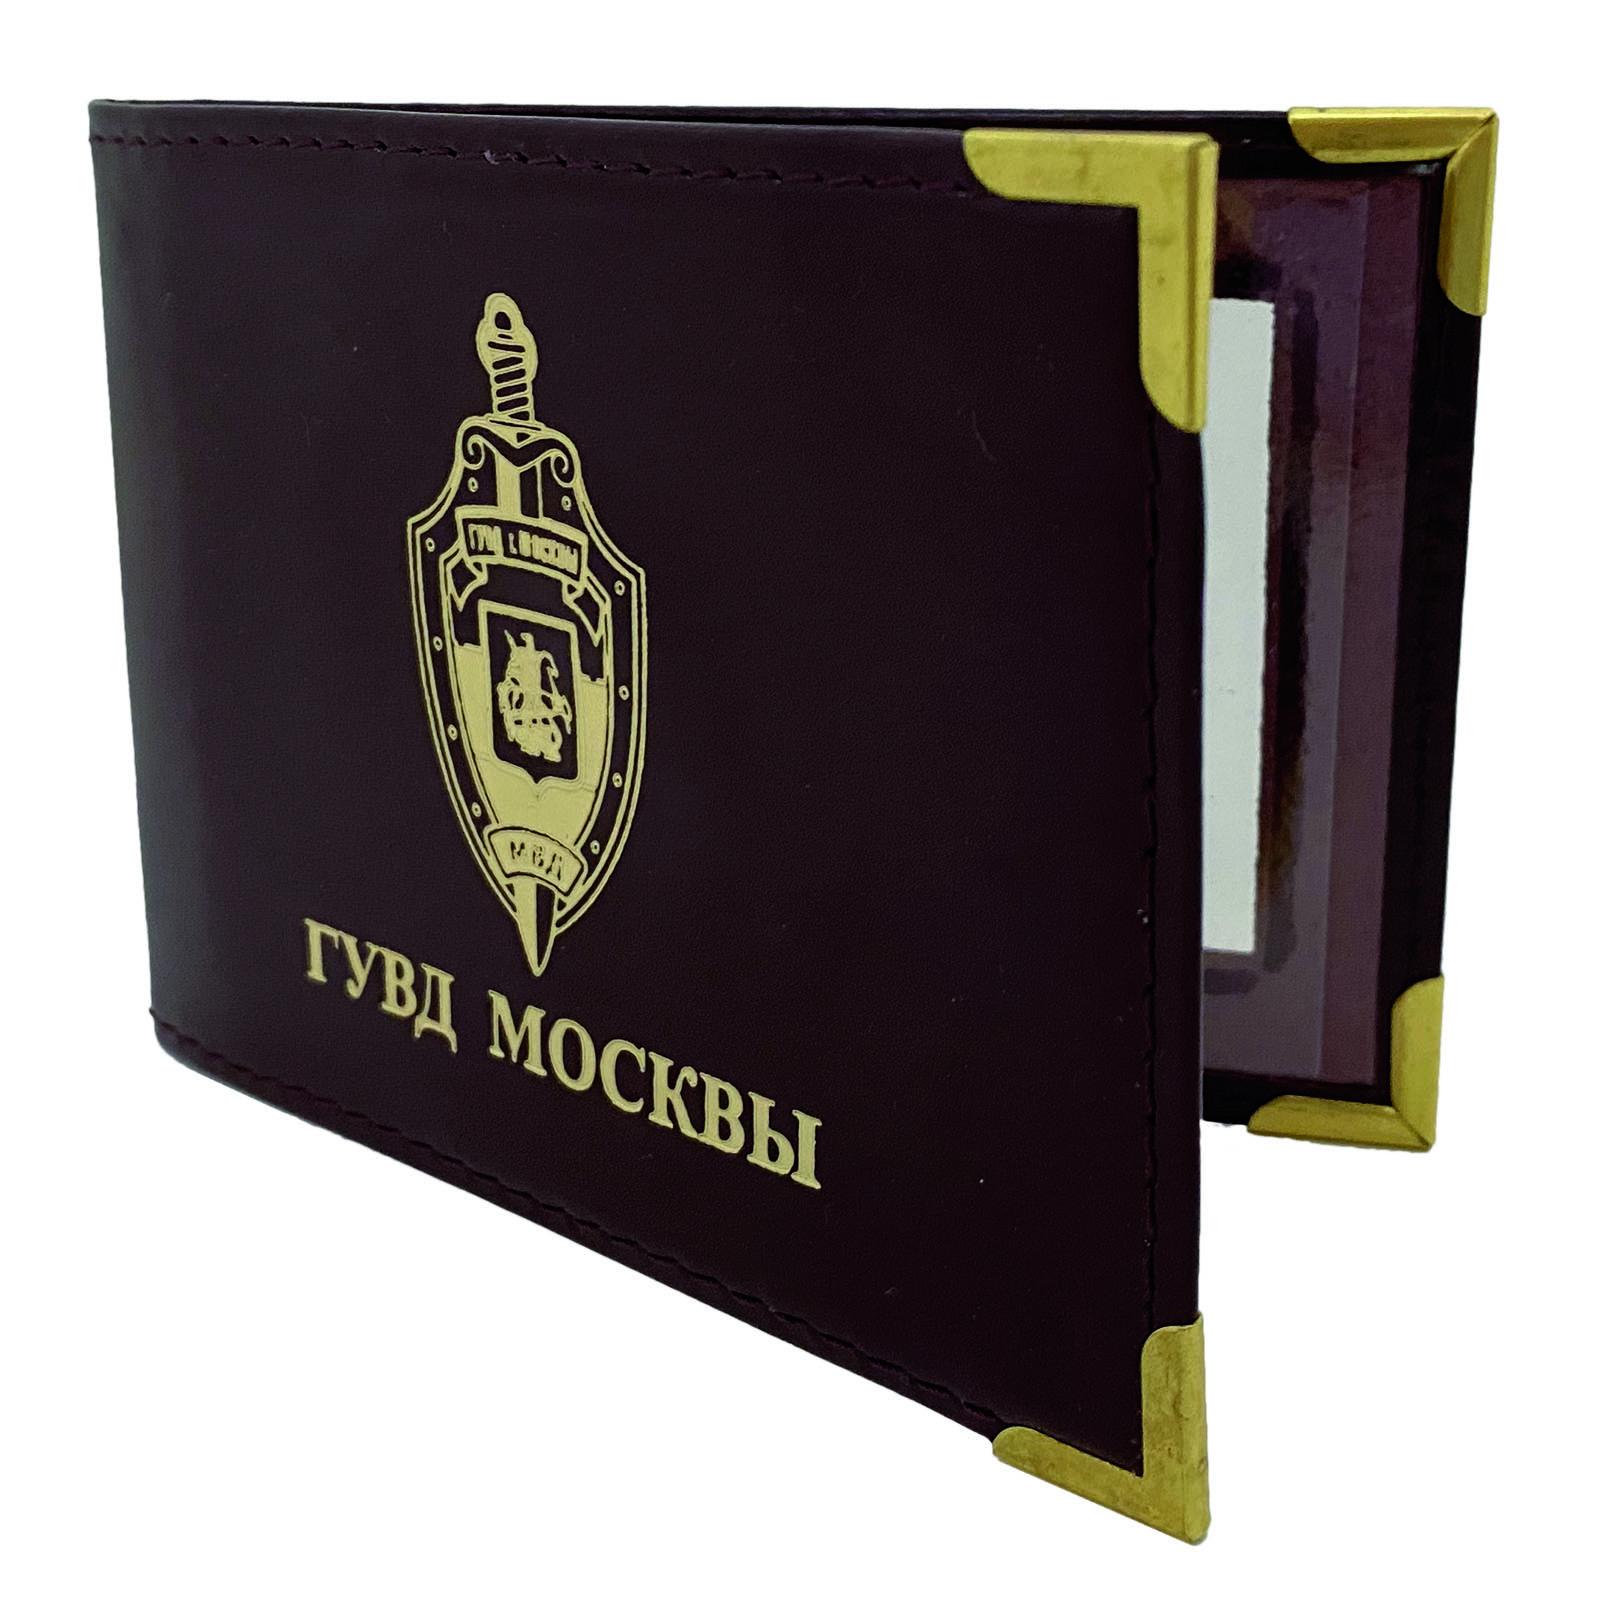 Обложка на удостоверение ГУВД Москвы